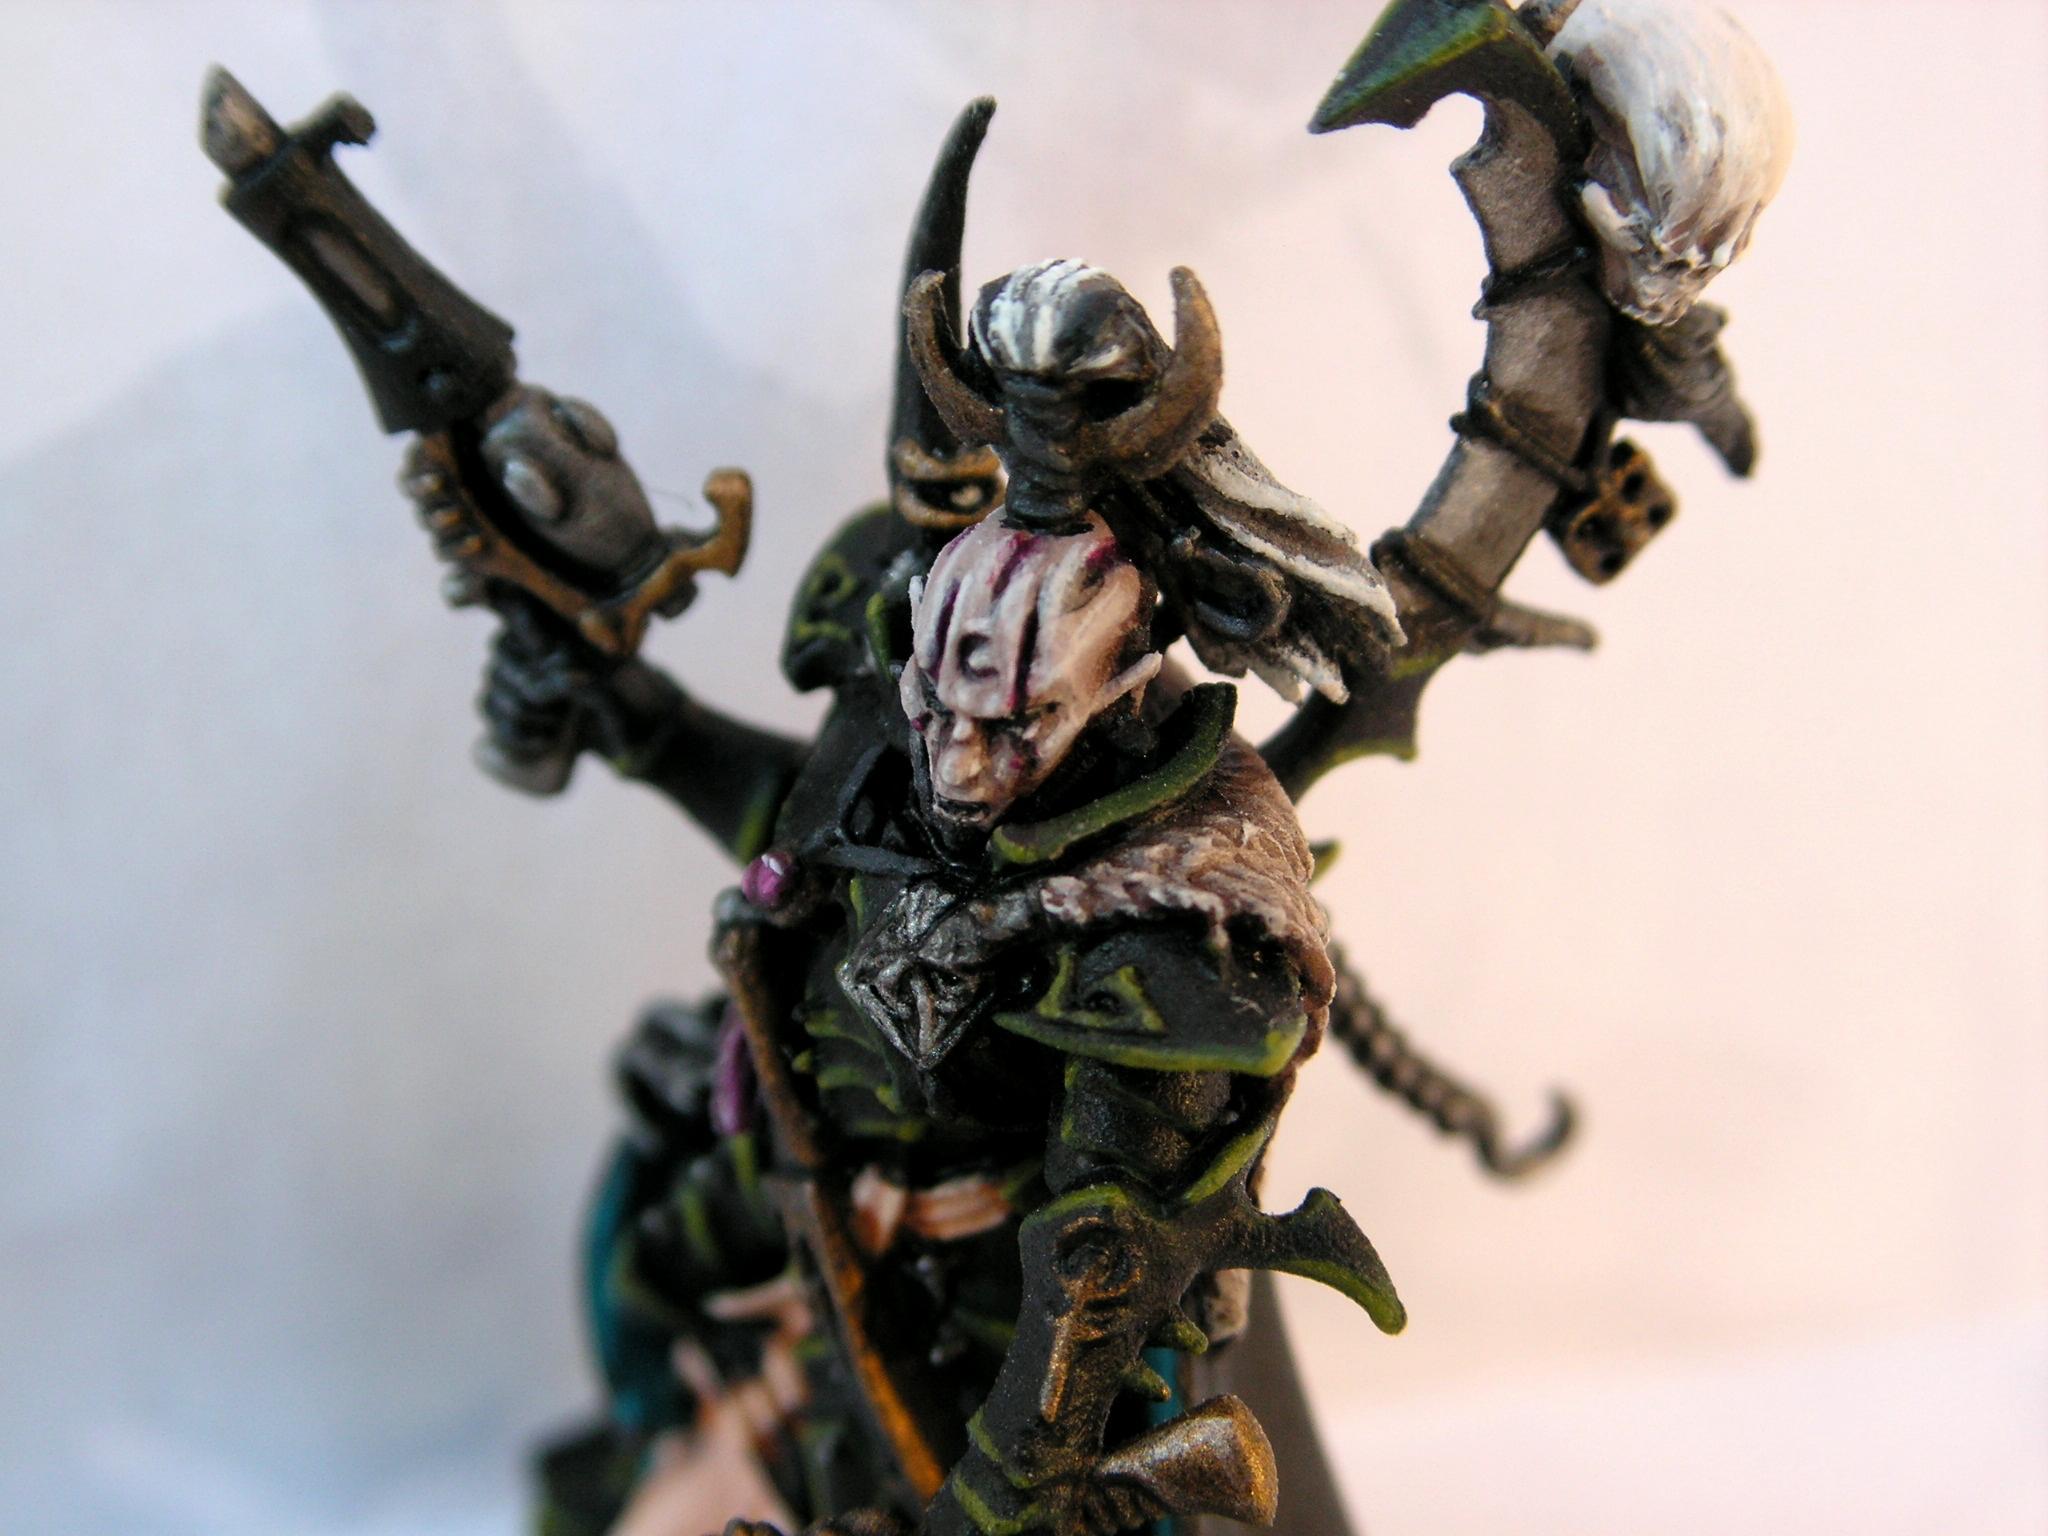 Archon, Dark Eldar, Dark Eldar Archon